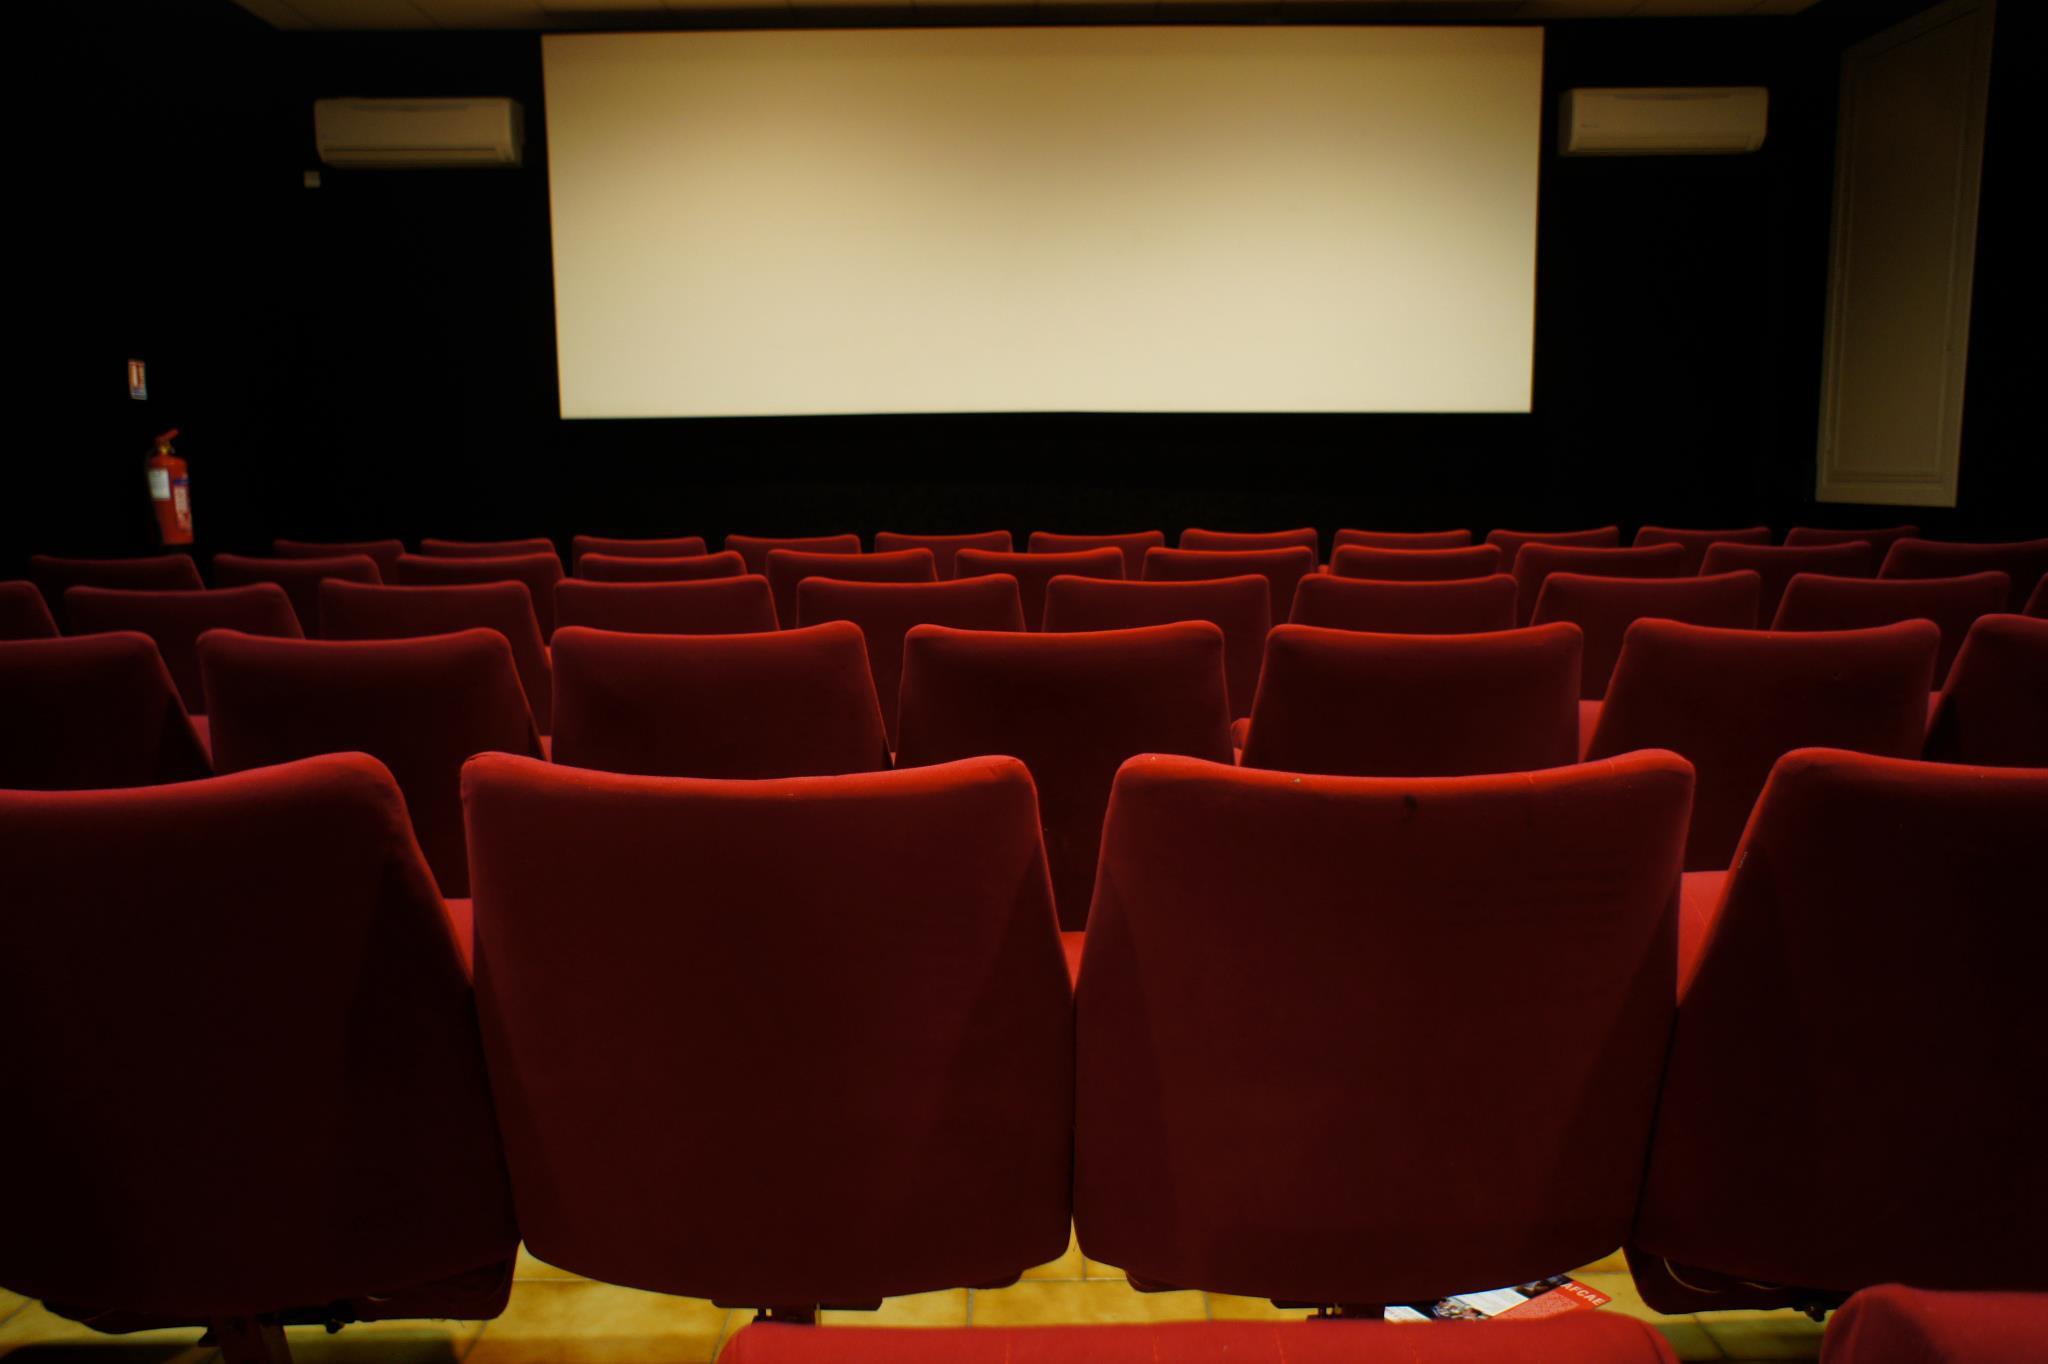 Ecole de cinema: acquérir des connaissances en cinématographie